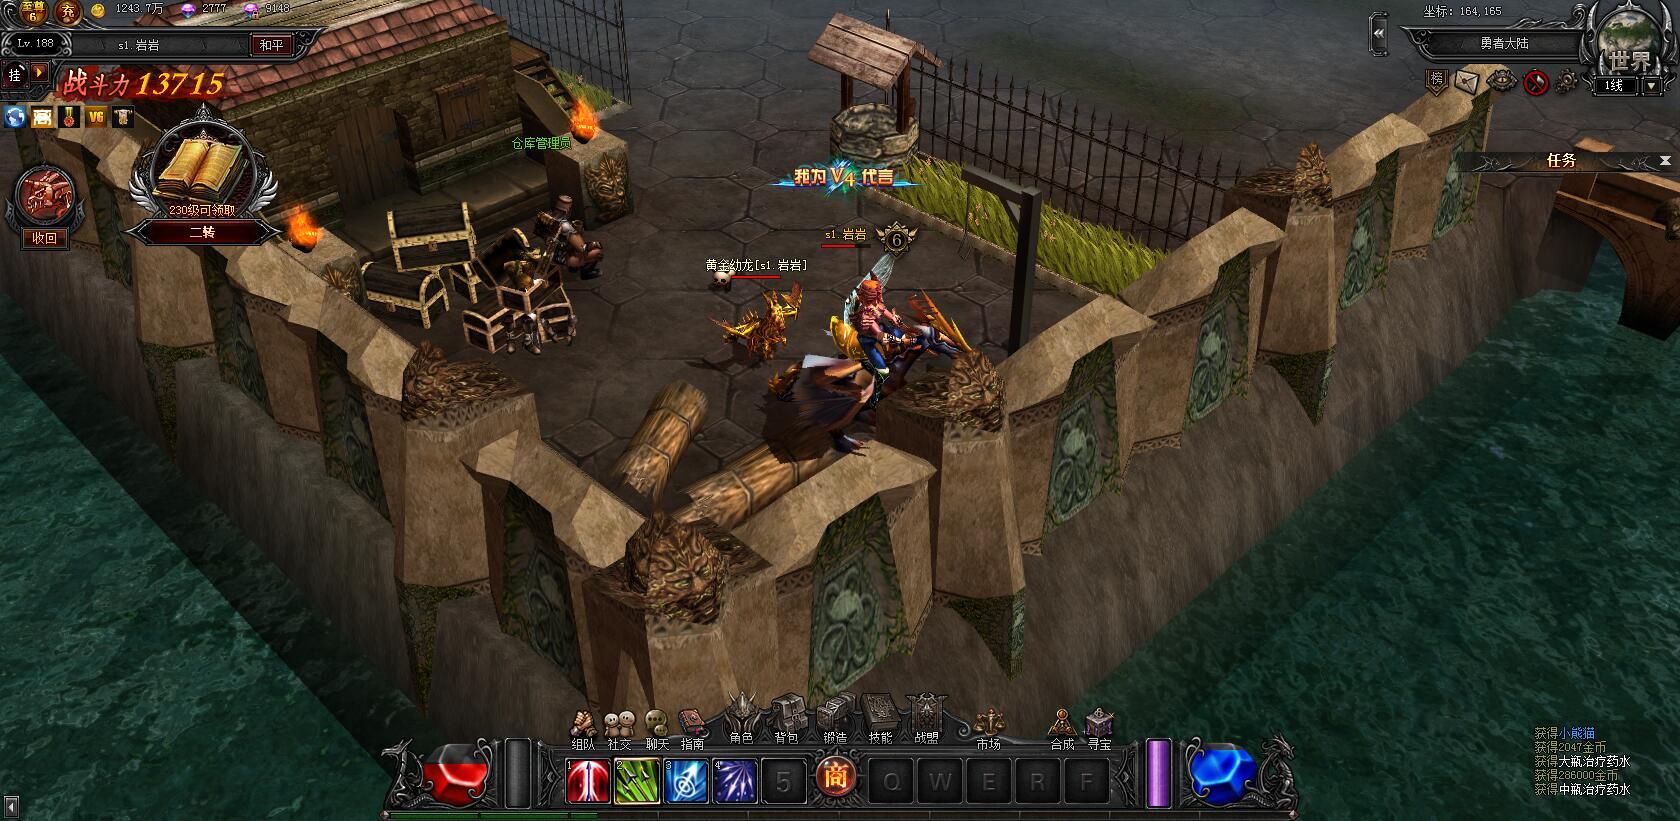 新勇者之塔游戏截图4